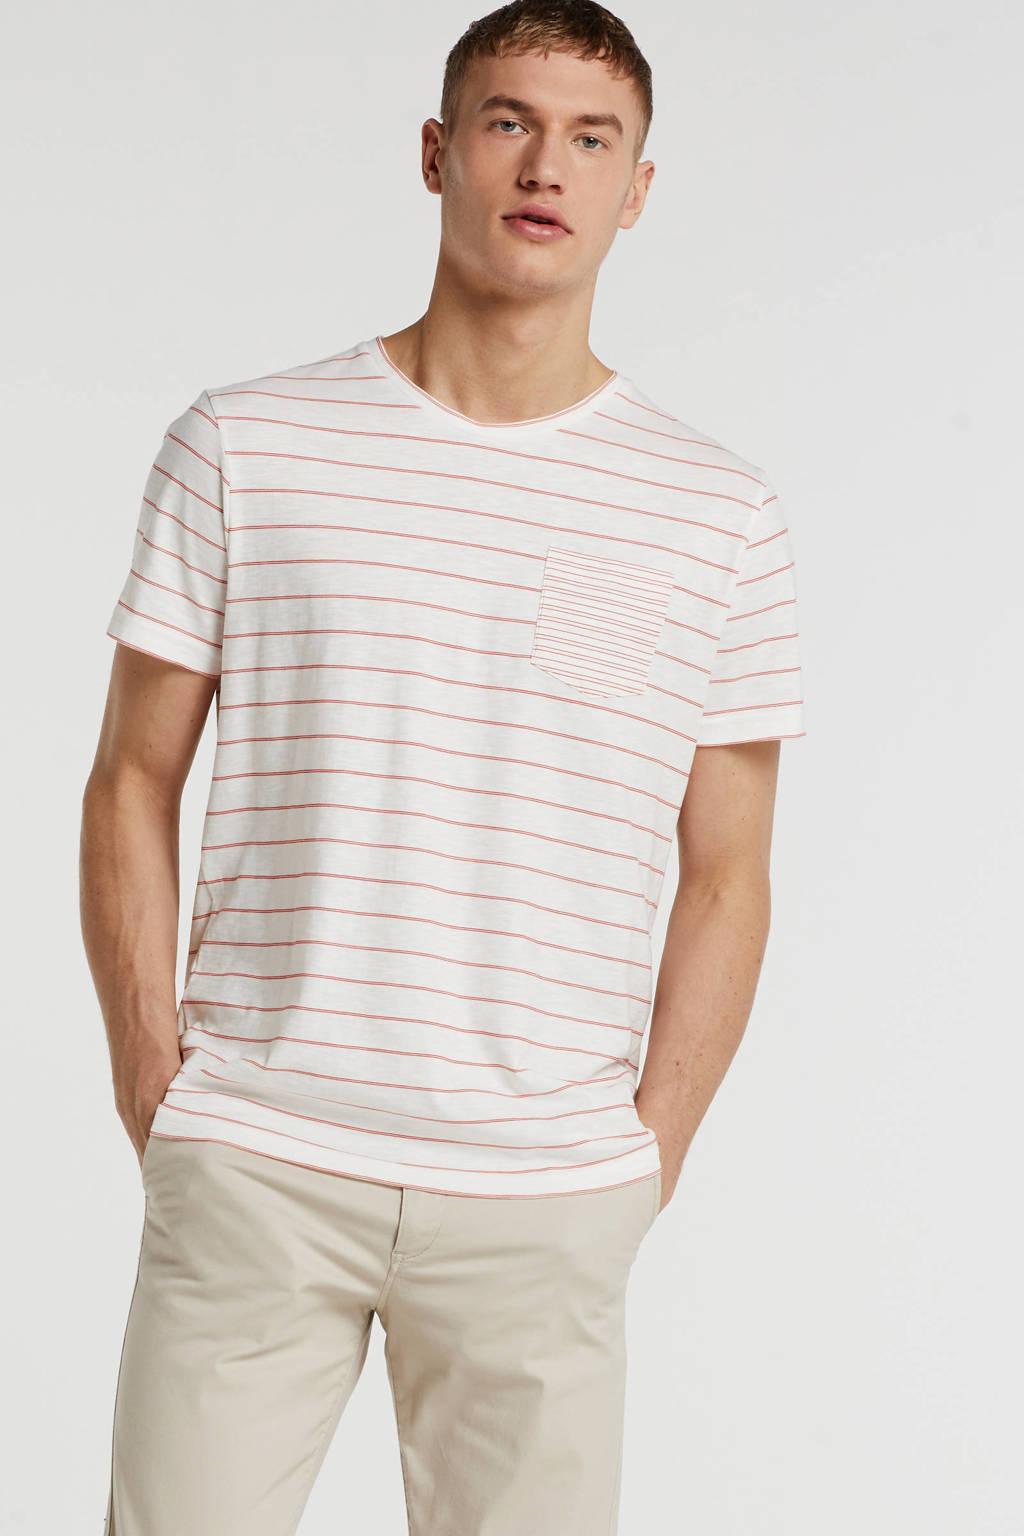 SUIT gestreept T-shirt wit/koraalrood, Wit/koraalrood